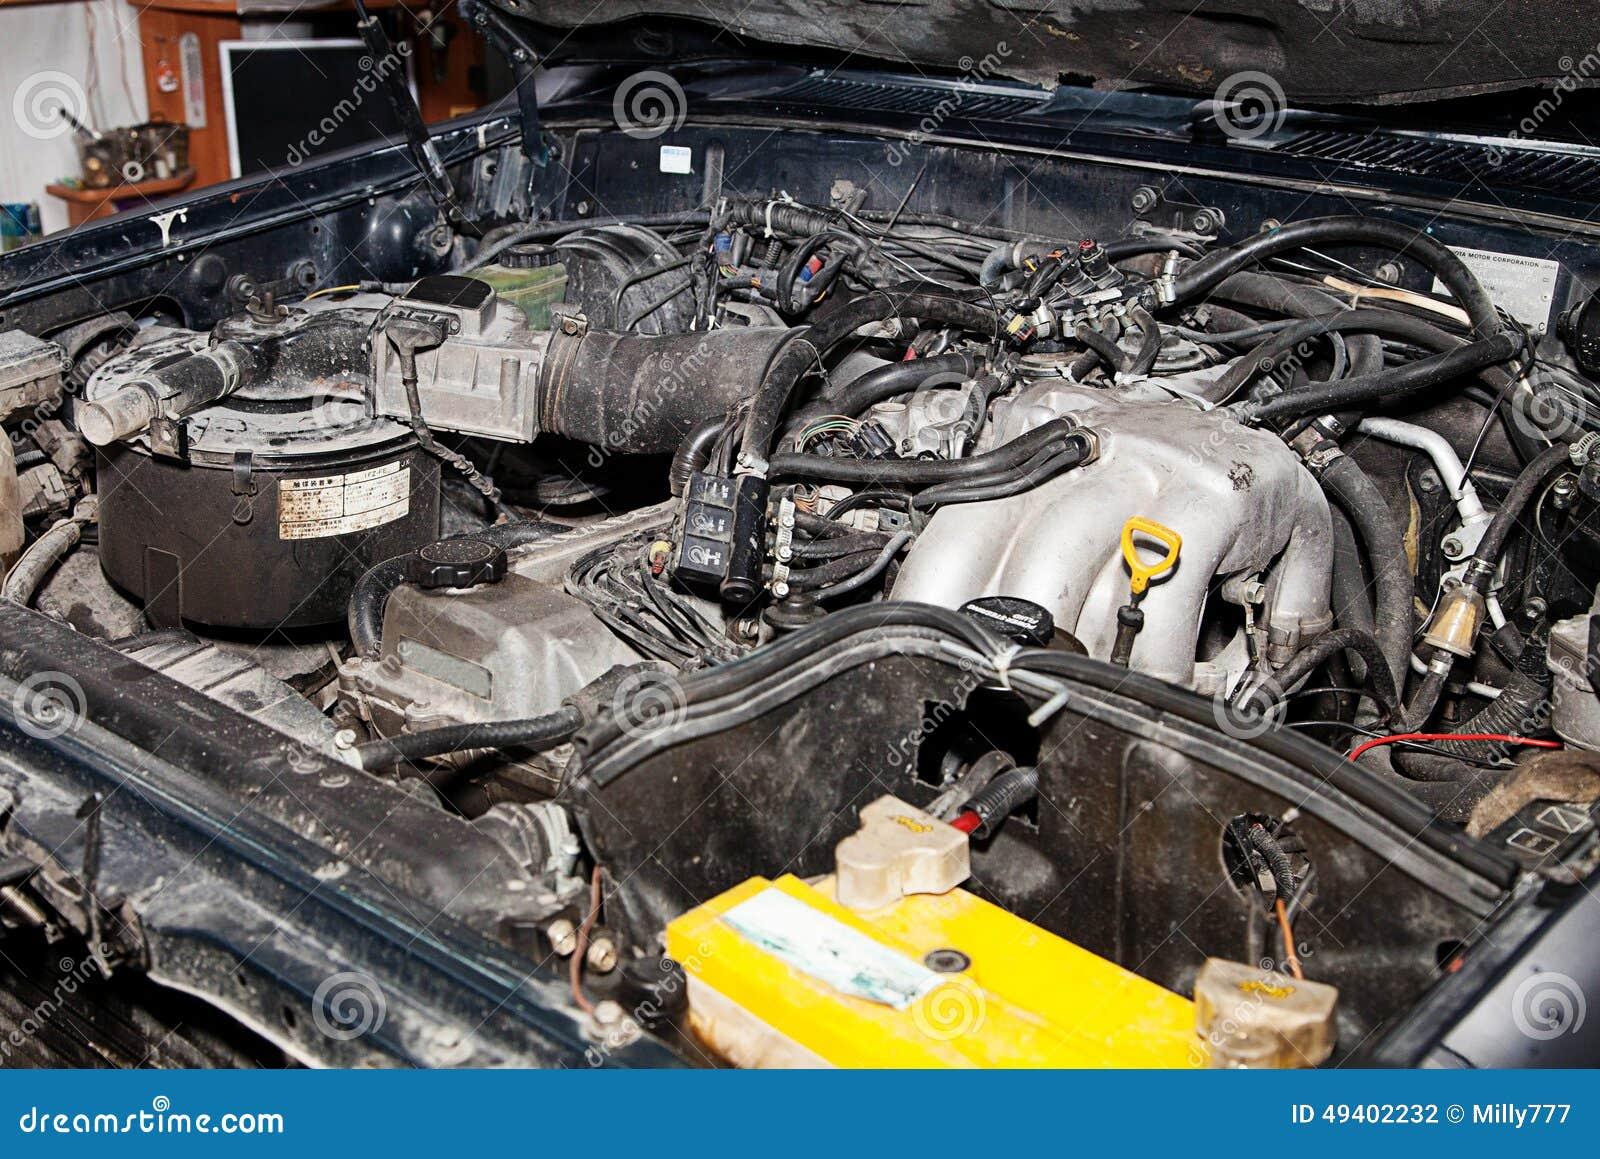 Download Kraftfahrzeug In Der Garage Für Reparaturen Stockfoto - Bild von technologie, kompliziertheit: 49402232